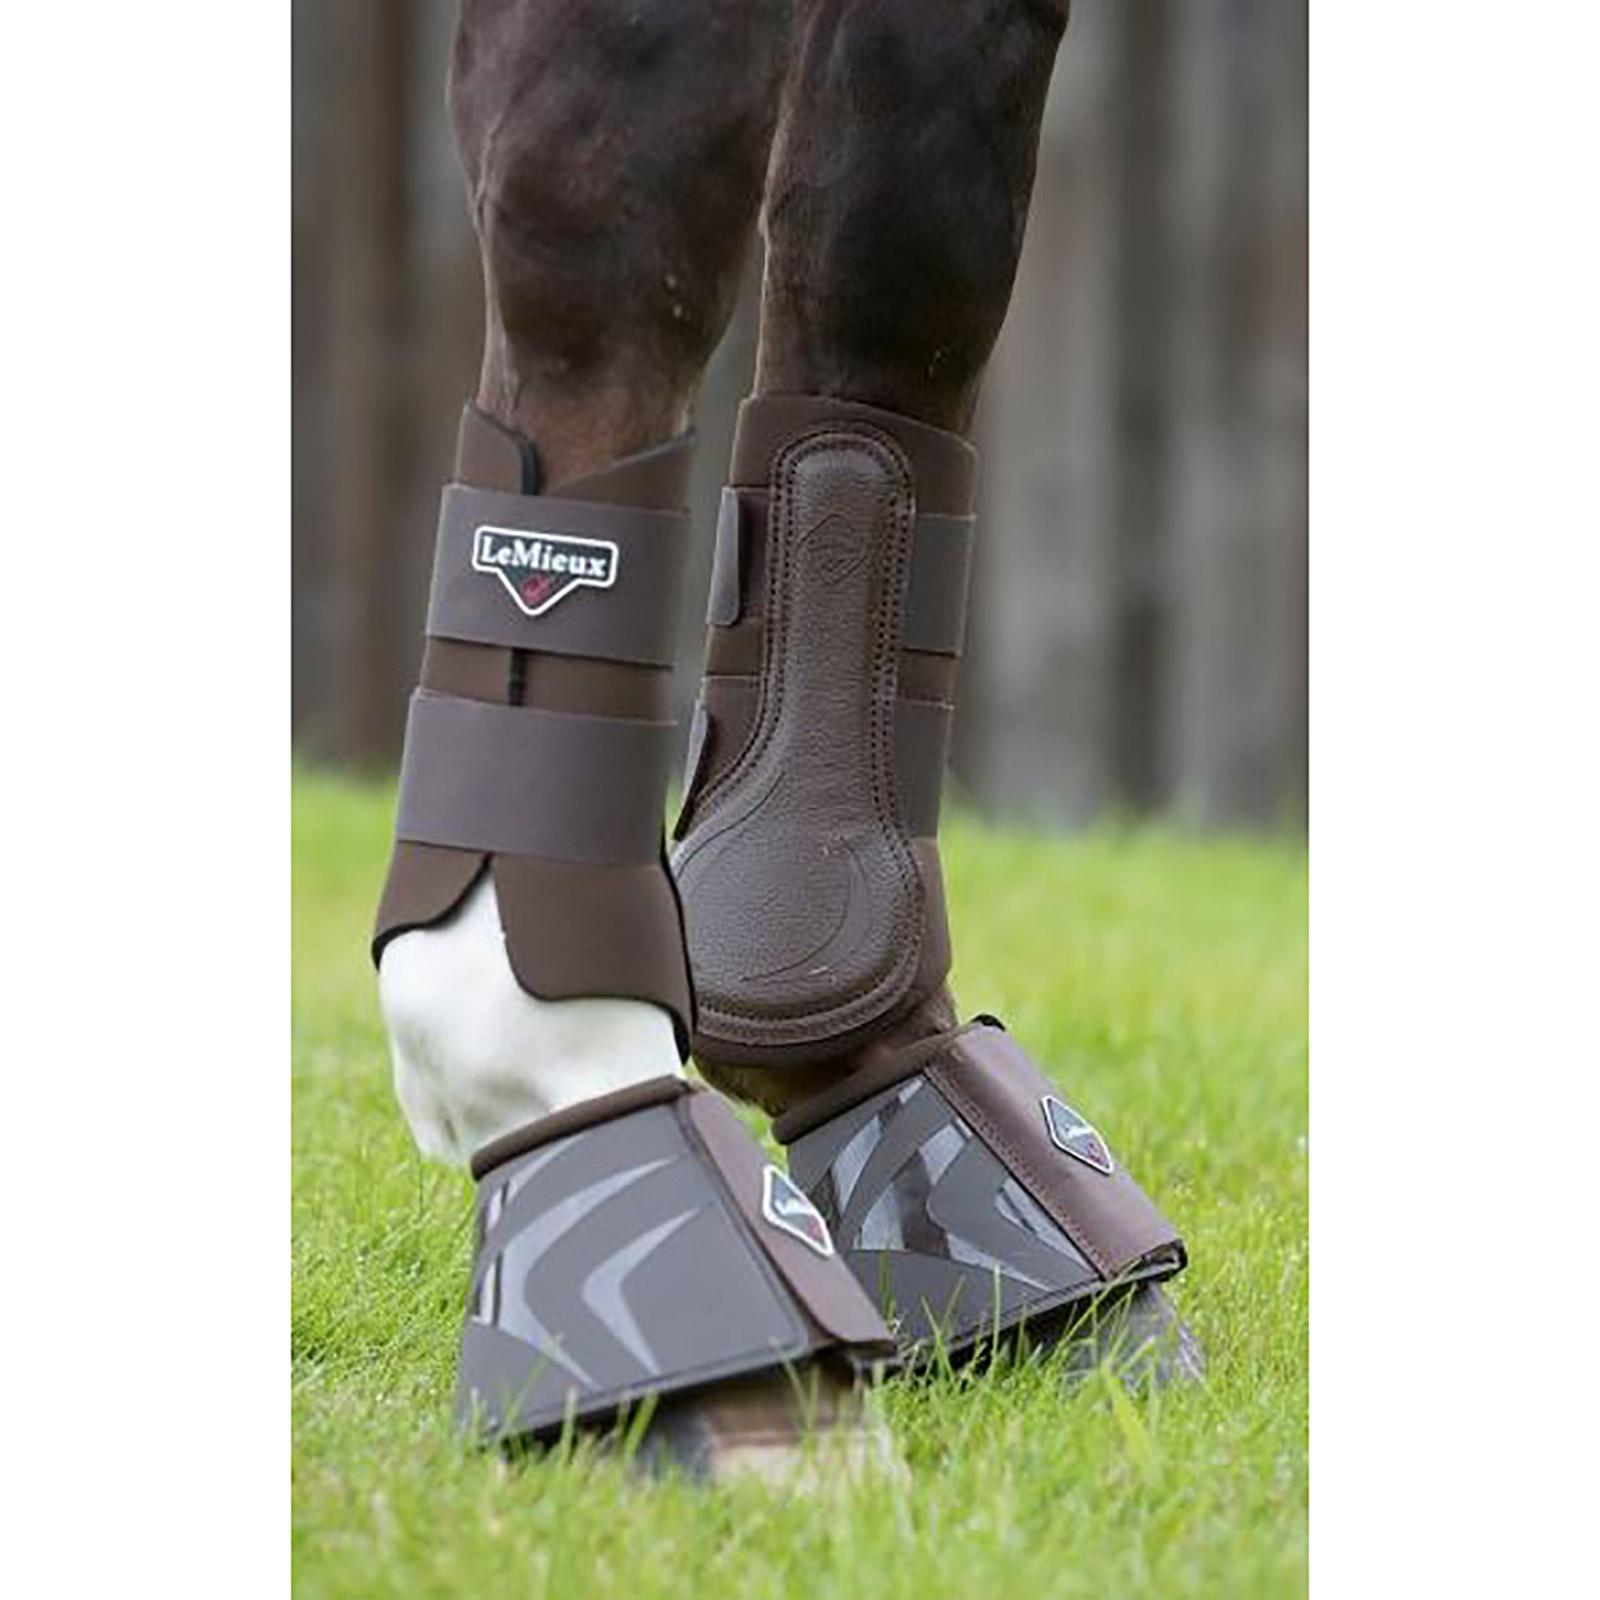 LEMIEUX-PROSPORT-Grafter-Brossage-Bottes-Leger-Protection miniature 23